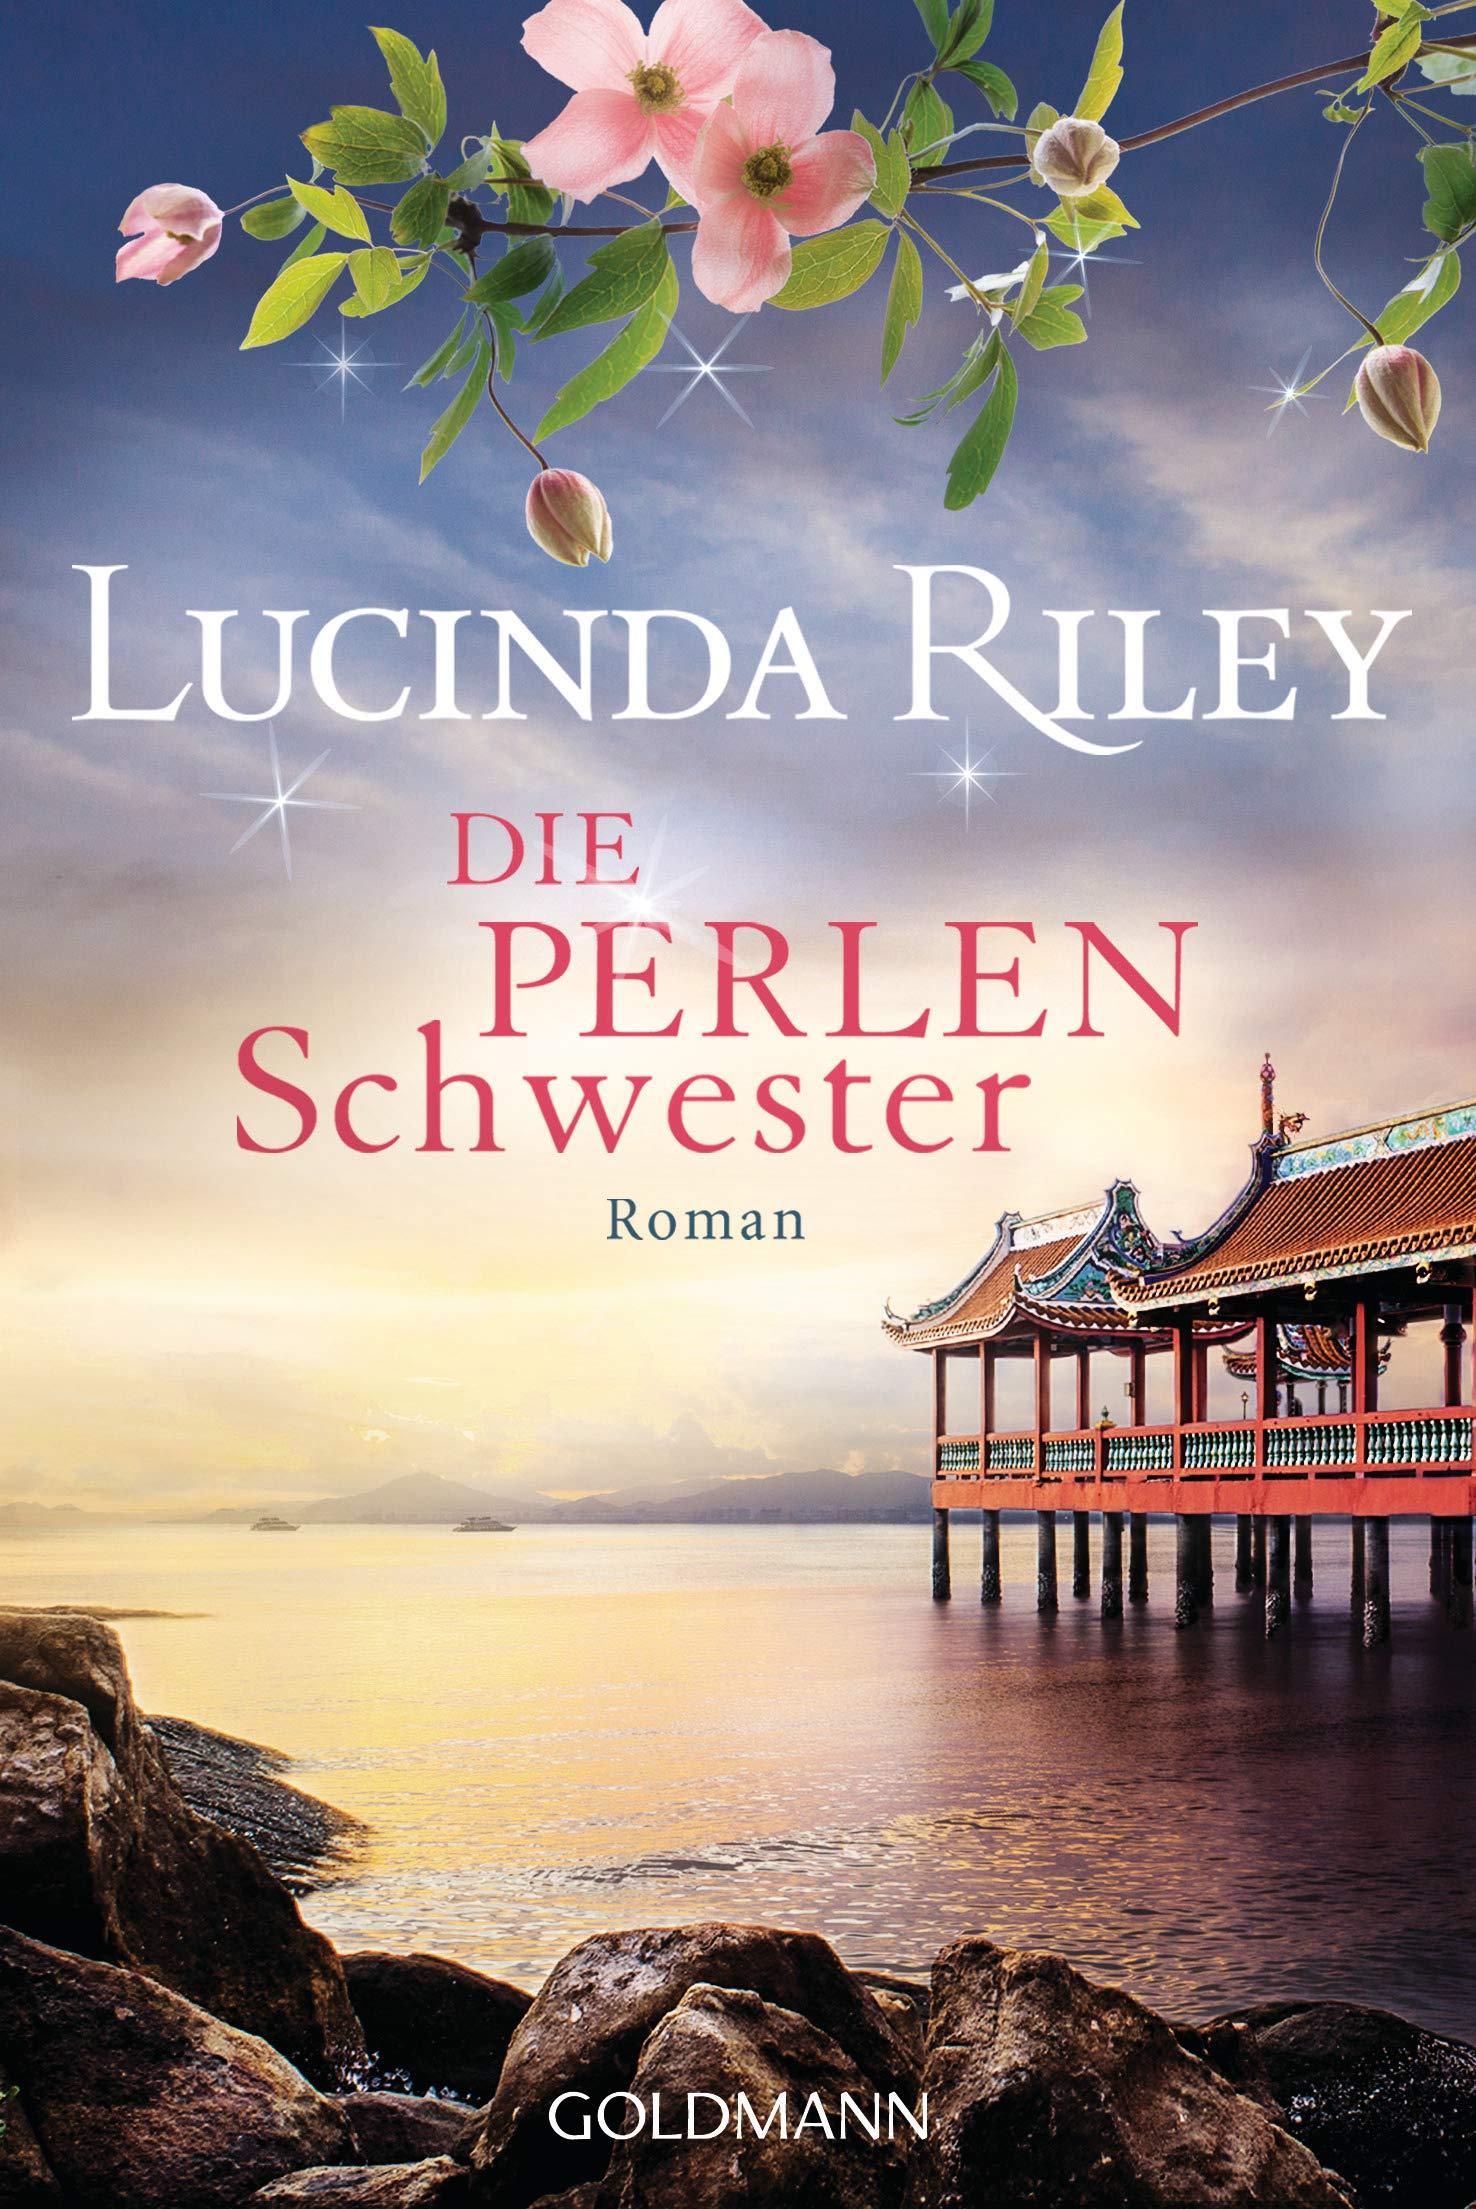 Die Perlenschwester: Roman - Die sieben Schwestern 4 - Taschenbuch – 18. März 2019 Lucinda Riley Sonja Hauser Goldmann Verlag 3442489210